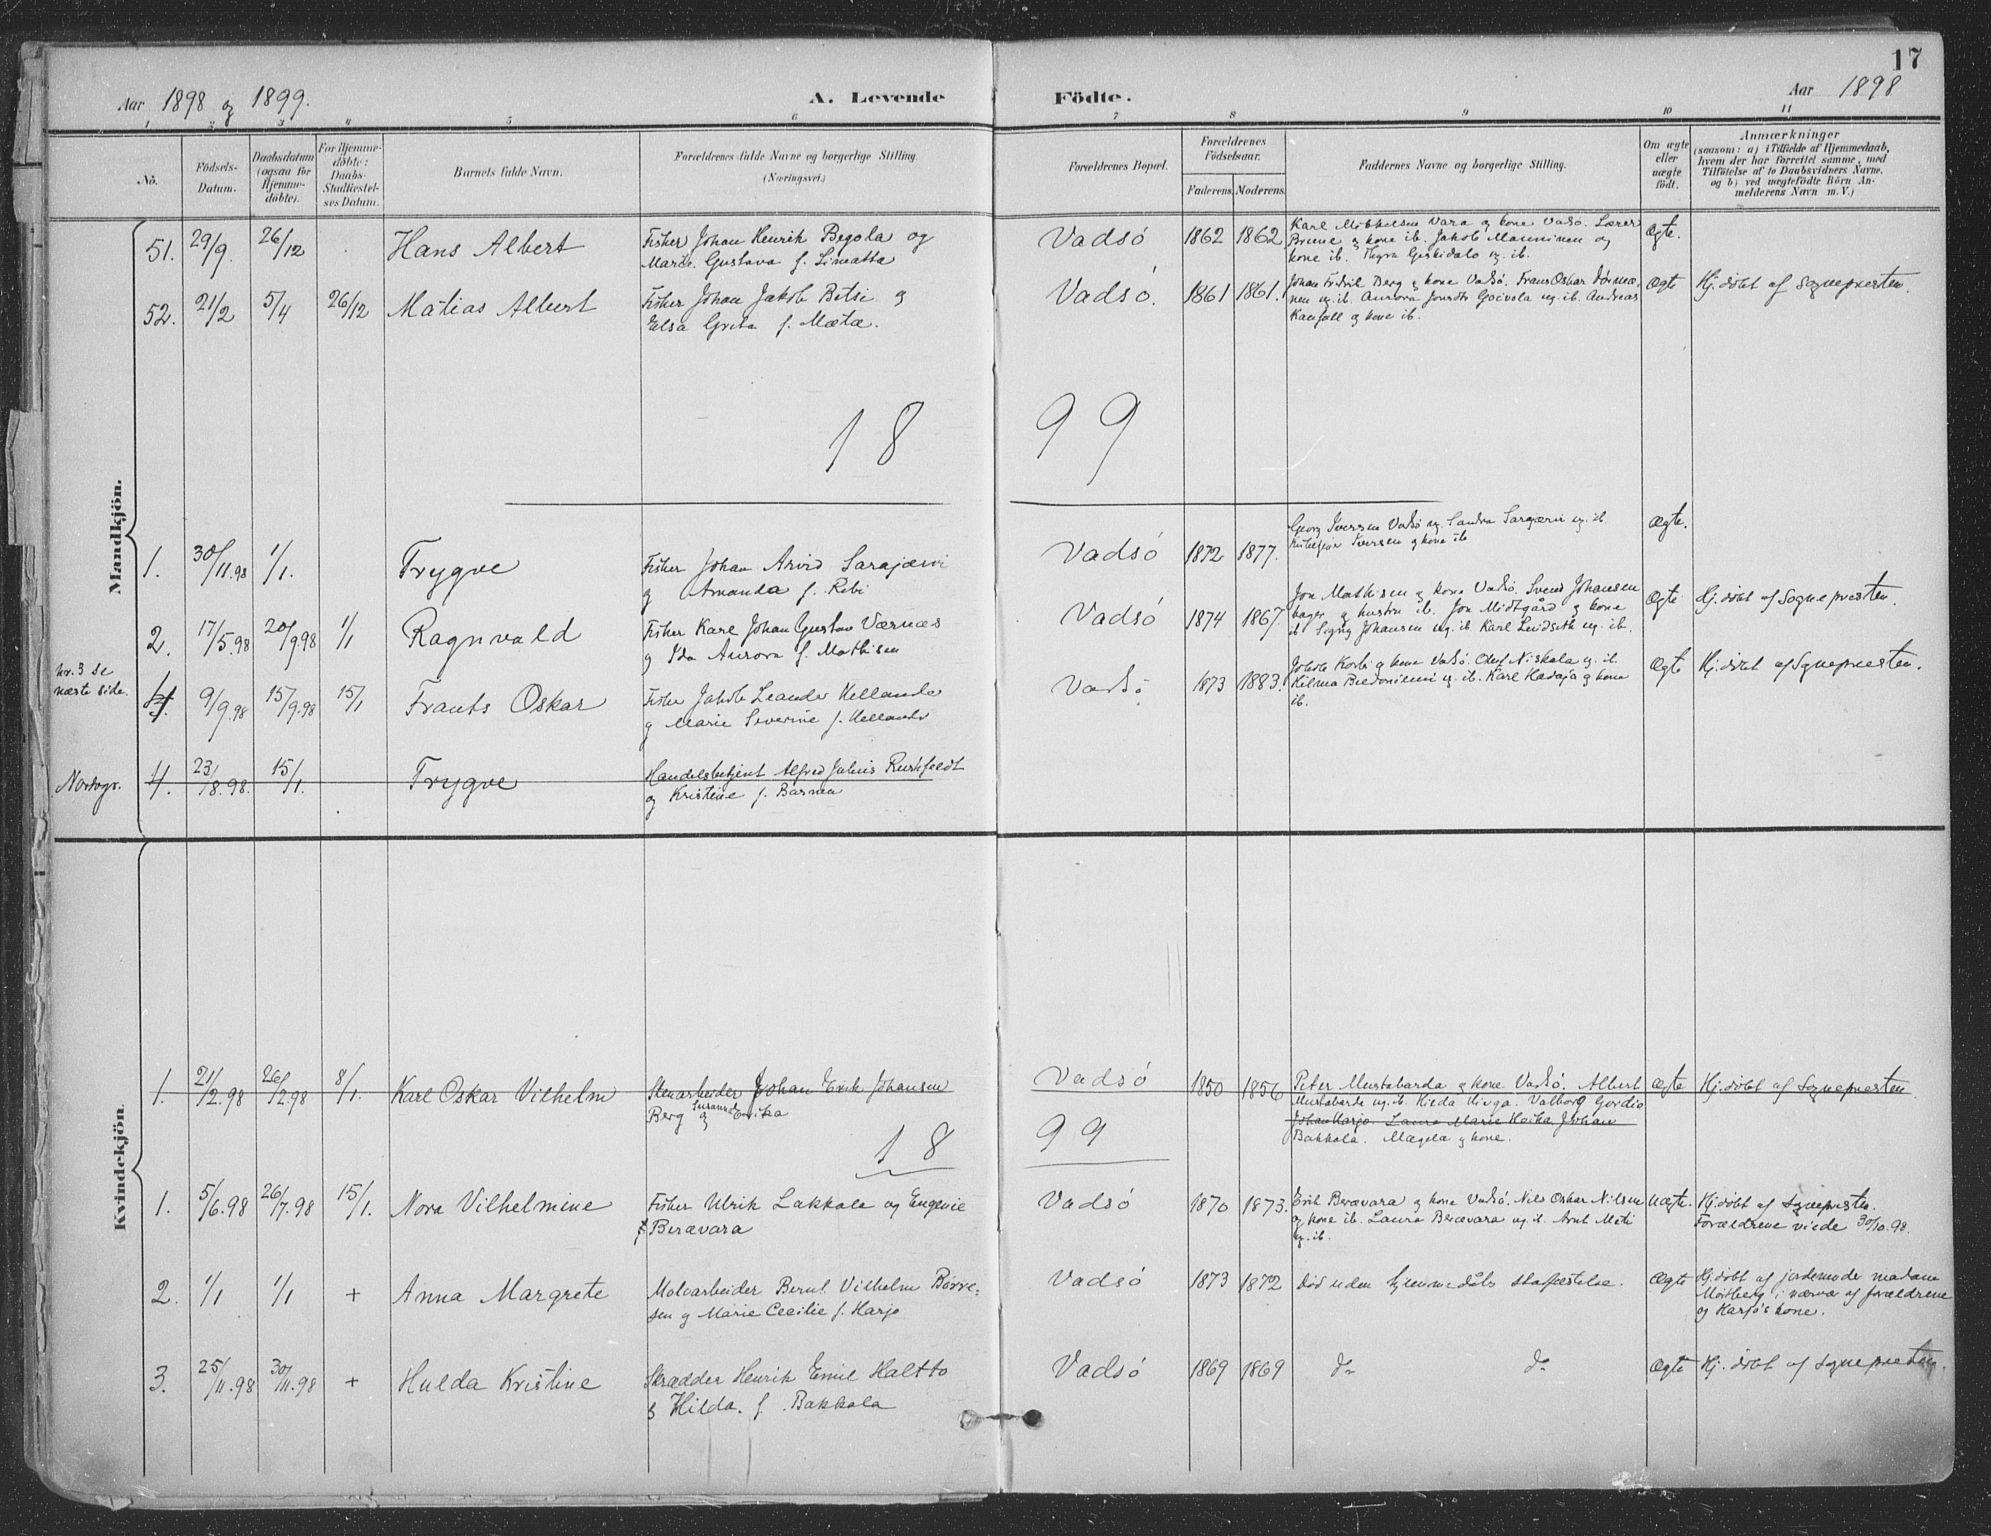 SATØ, Vadsø sokneprestkontor, H/Ha/L0007kirke: Ministerialbok nr. 7, 1896-1916, s. 17